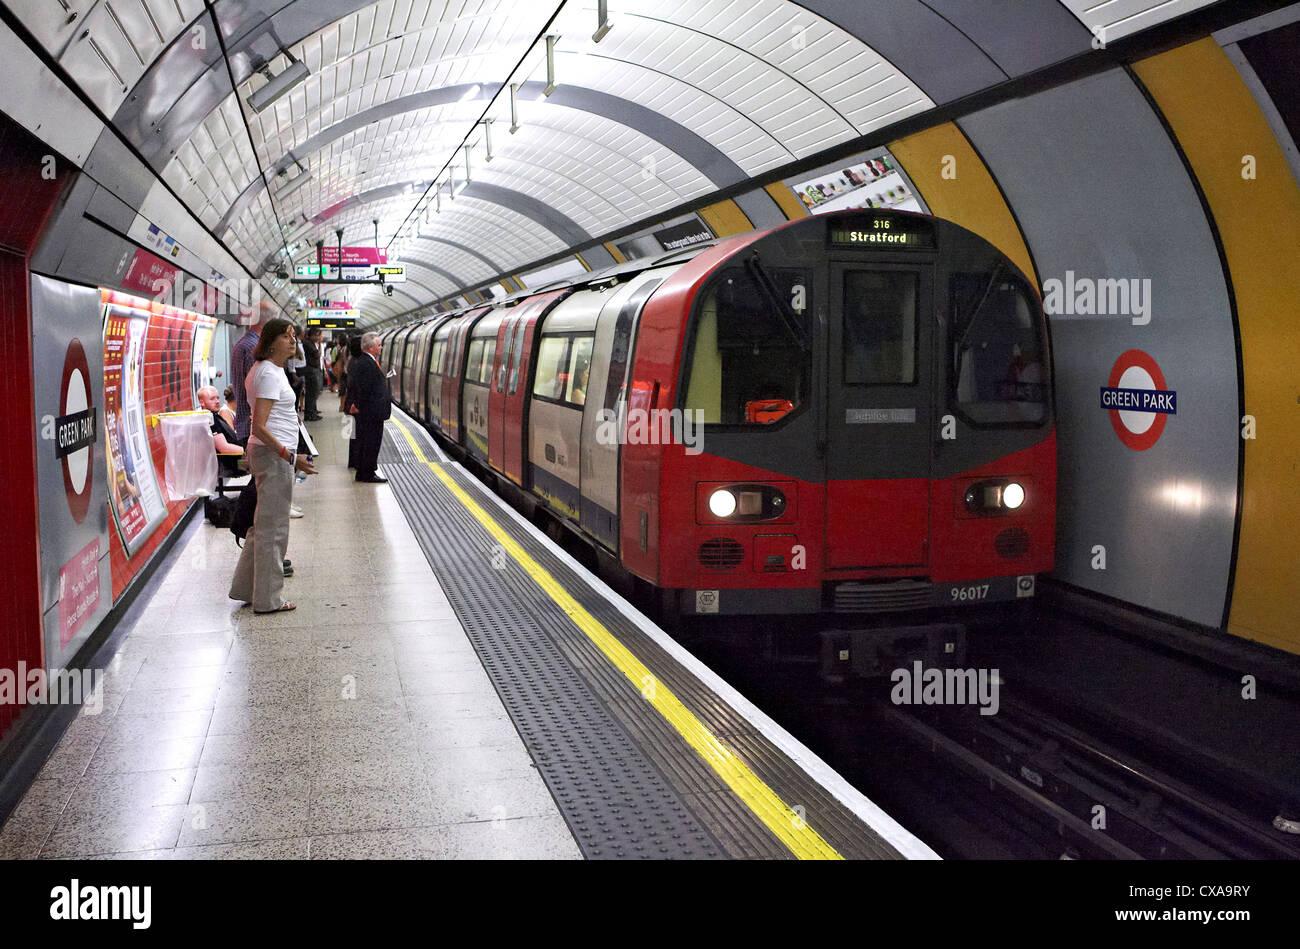 Un lonon métro arrive à la station de métro Green Park le 24/09/12 Photo Stock